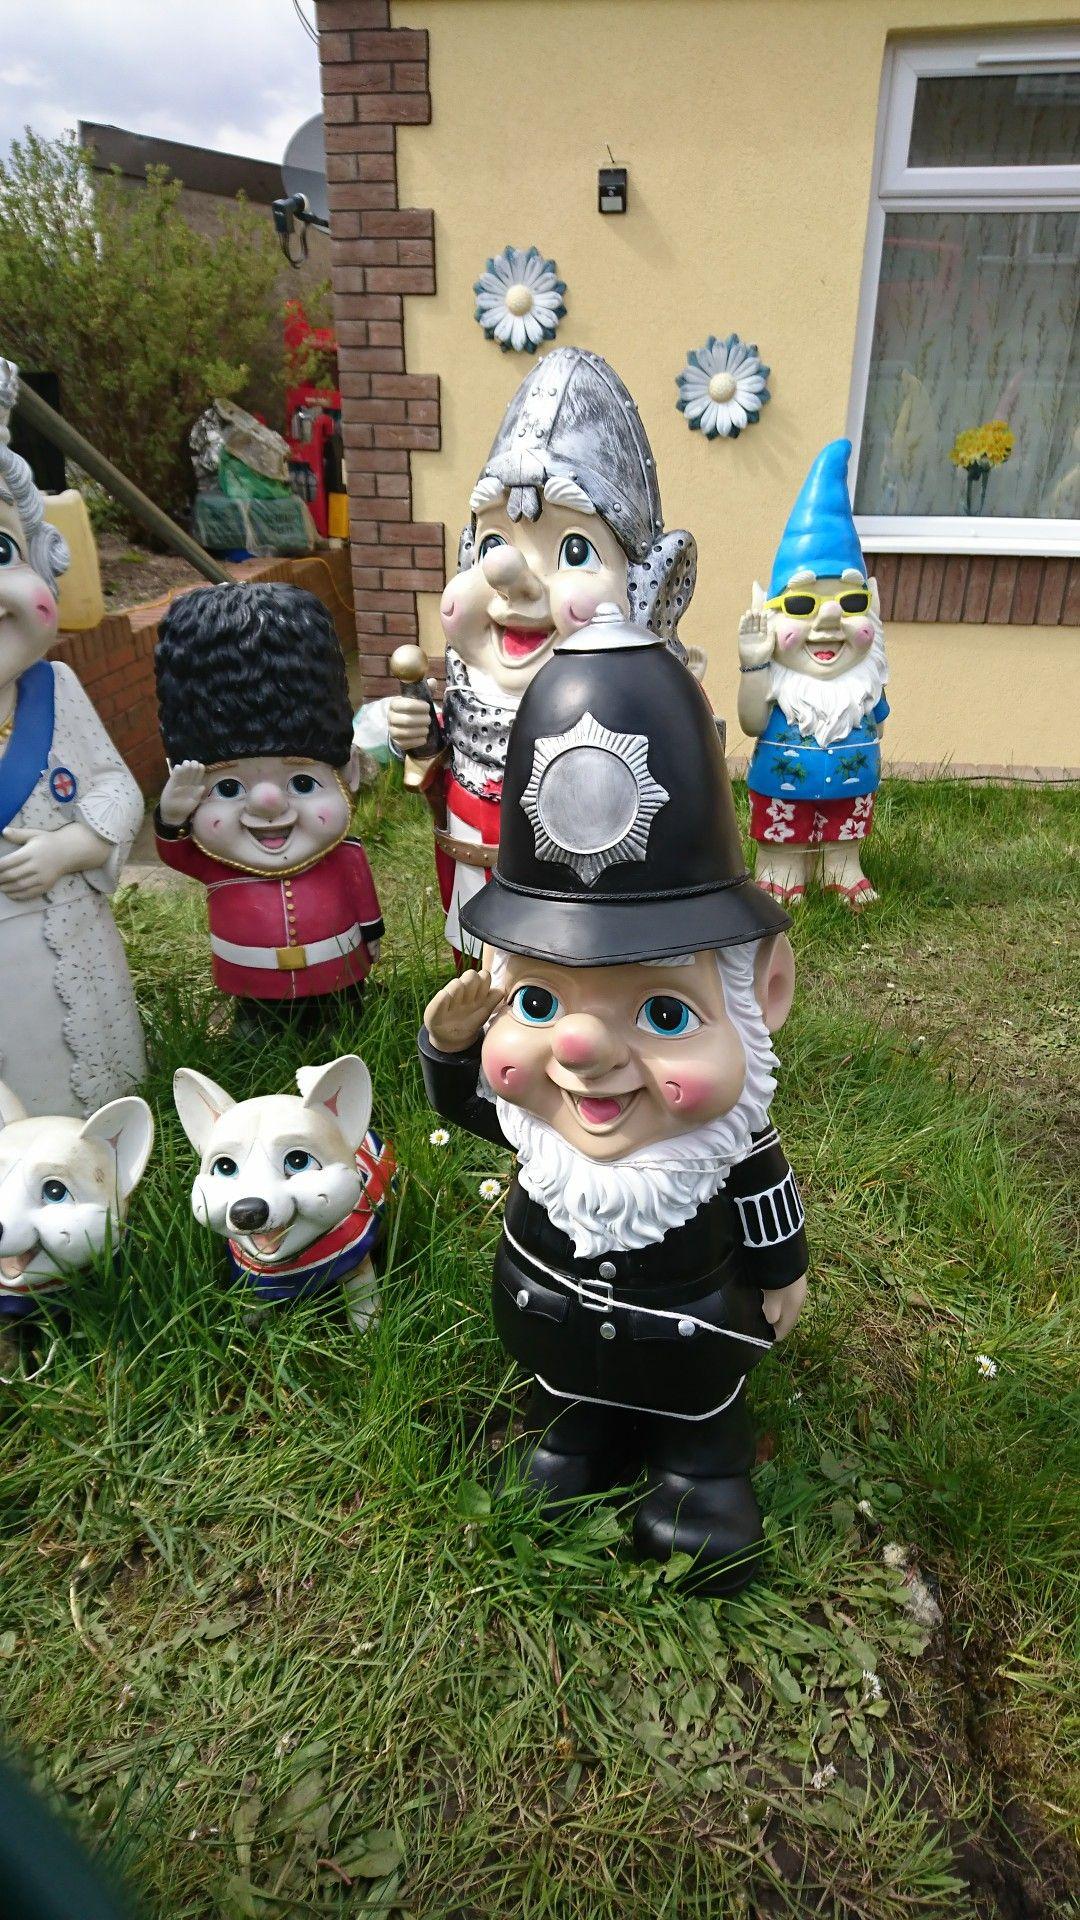 Pin by Sherry Killman on gnomes.... Asda gnomes, Gnomes